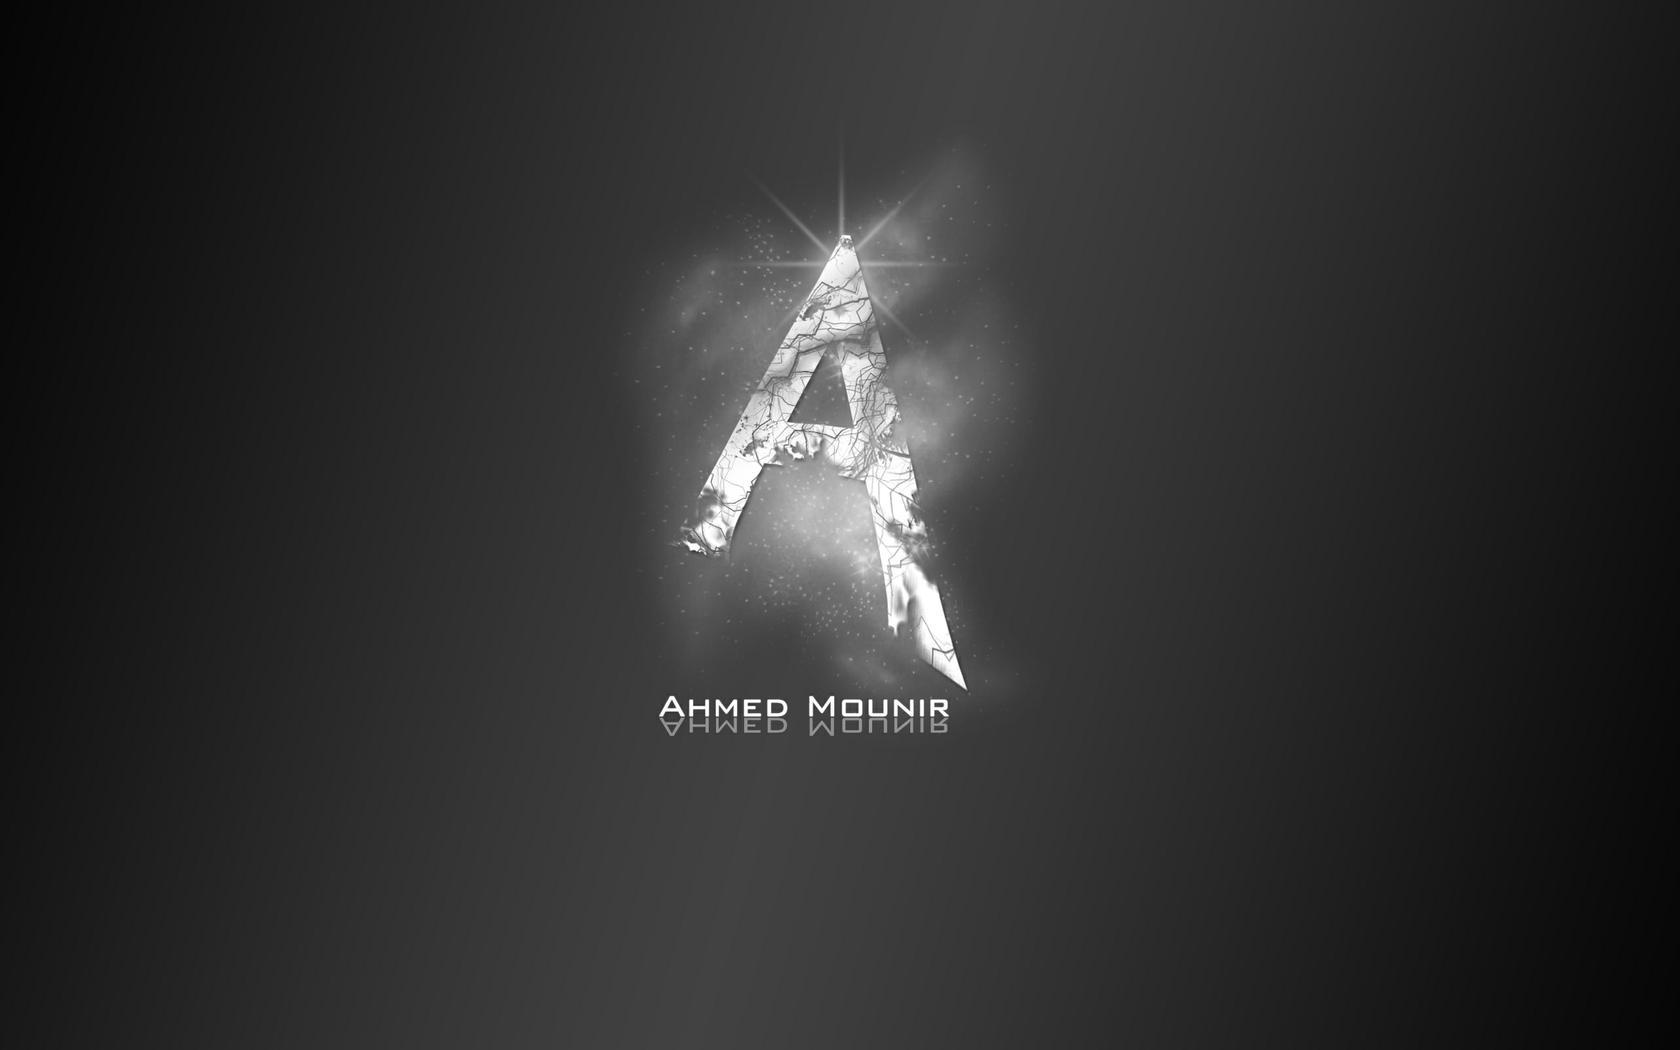 Ahmed Mounir